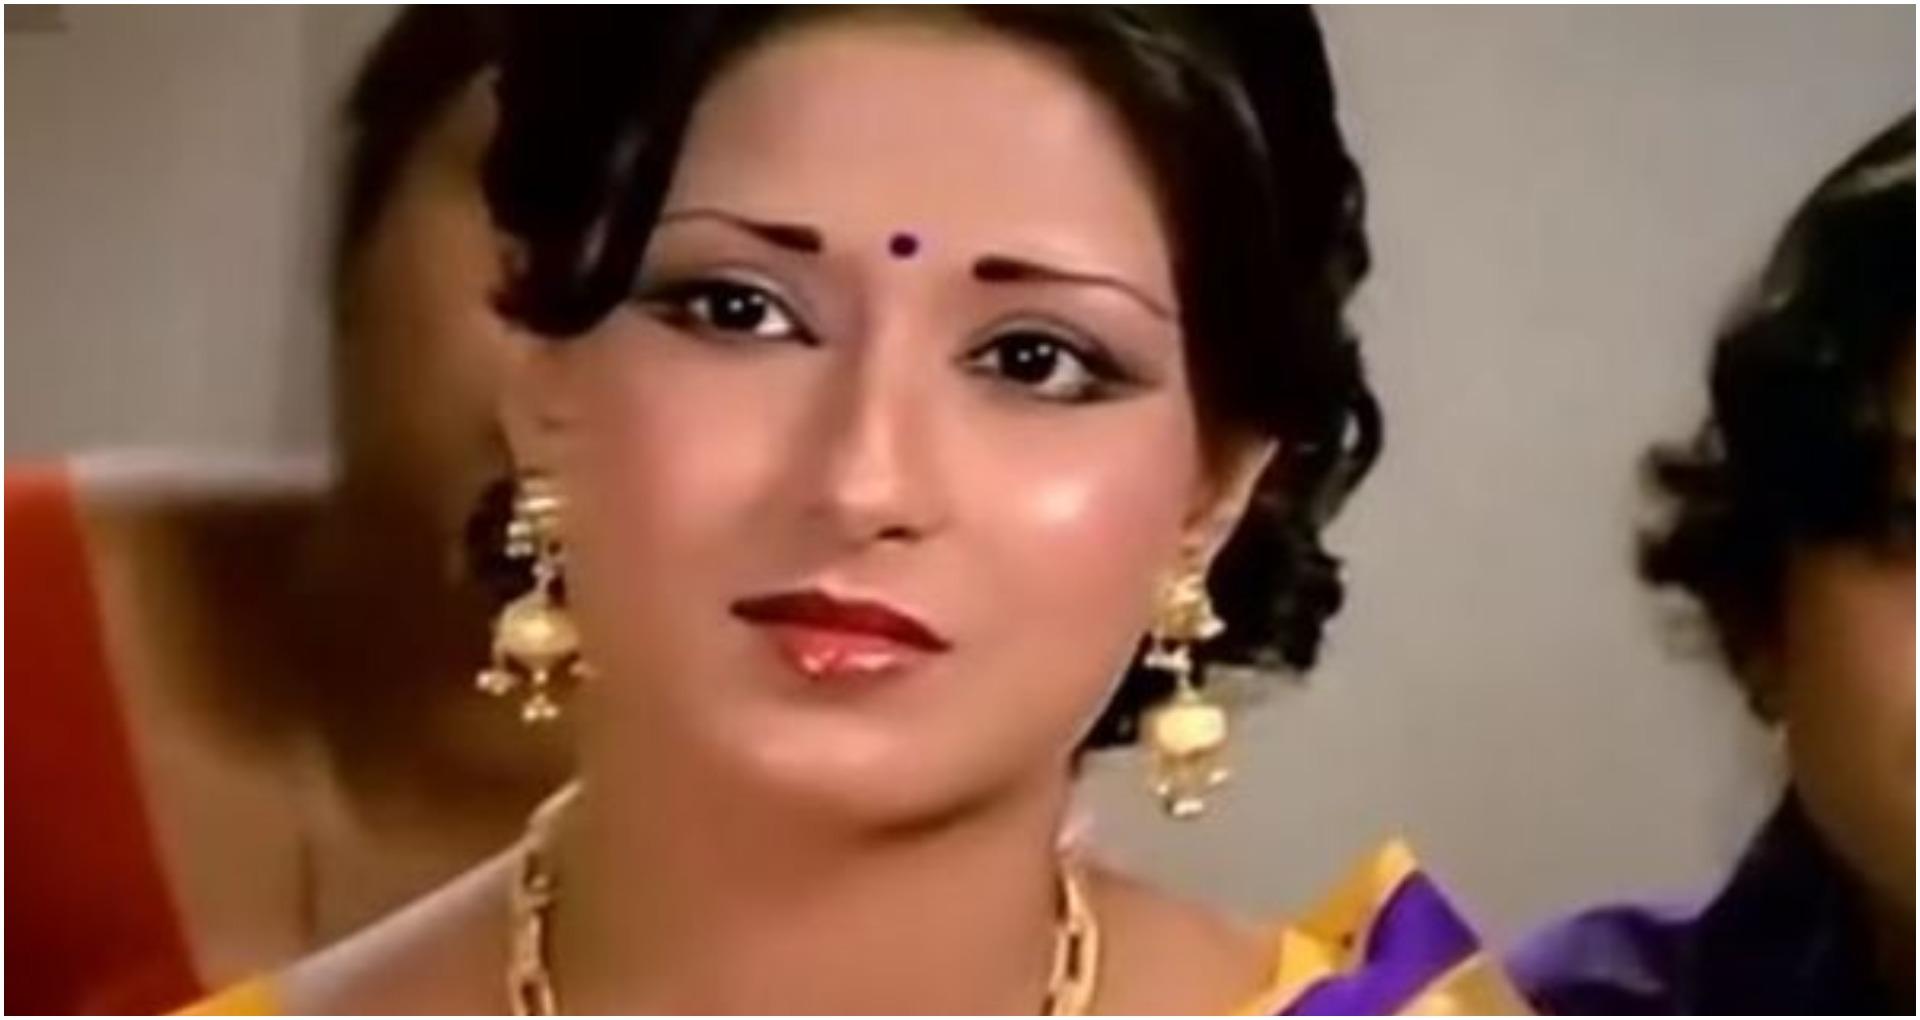 अभिनेत्री मौशुमी चटर्जी की बेटीपायल मुखर्जी का मुंबई में हुआ निधन, लम्बे समय से इस बीमारी से झुंज रही थीं